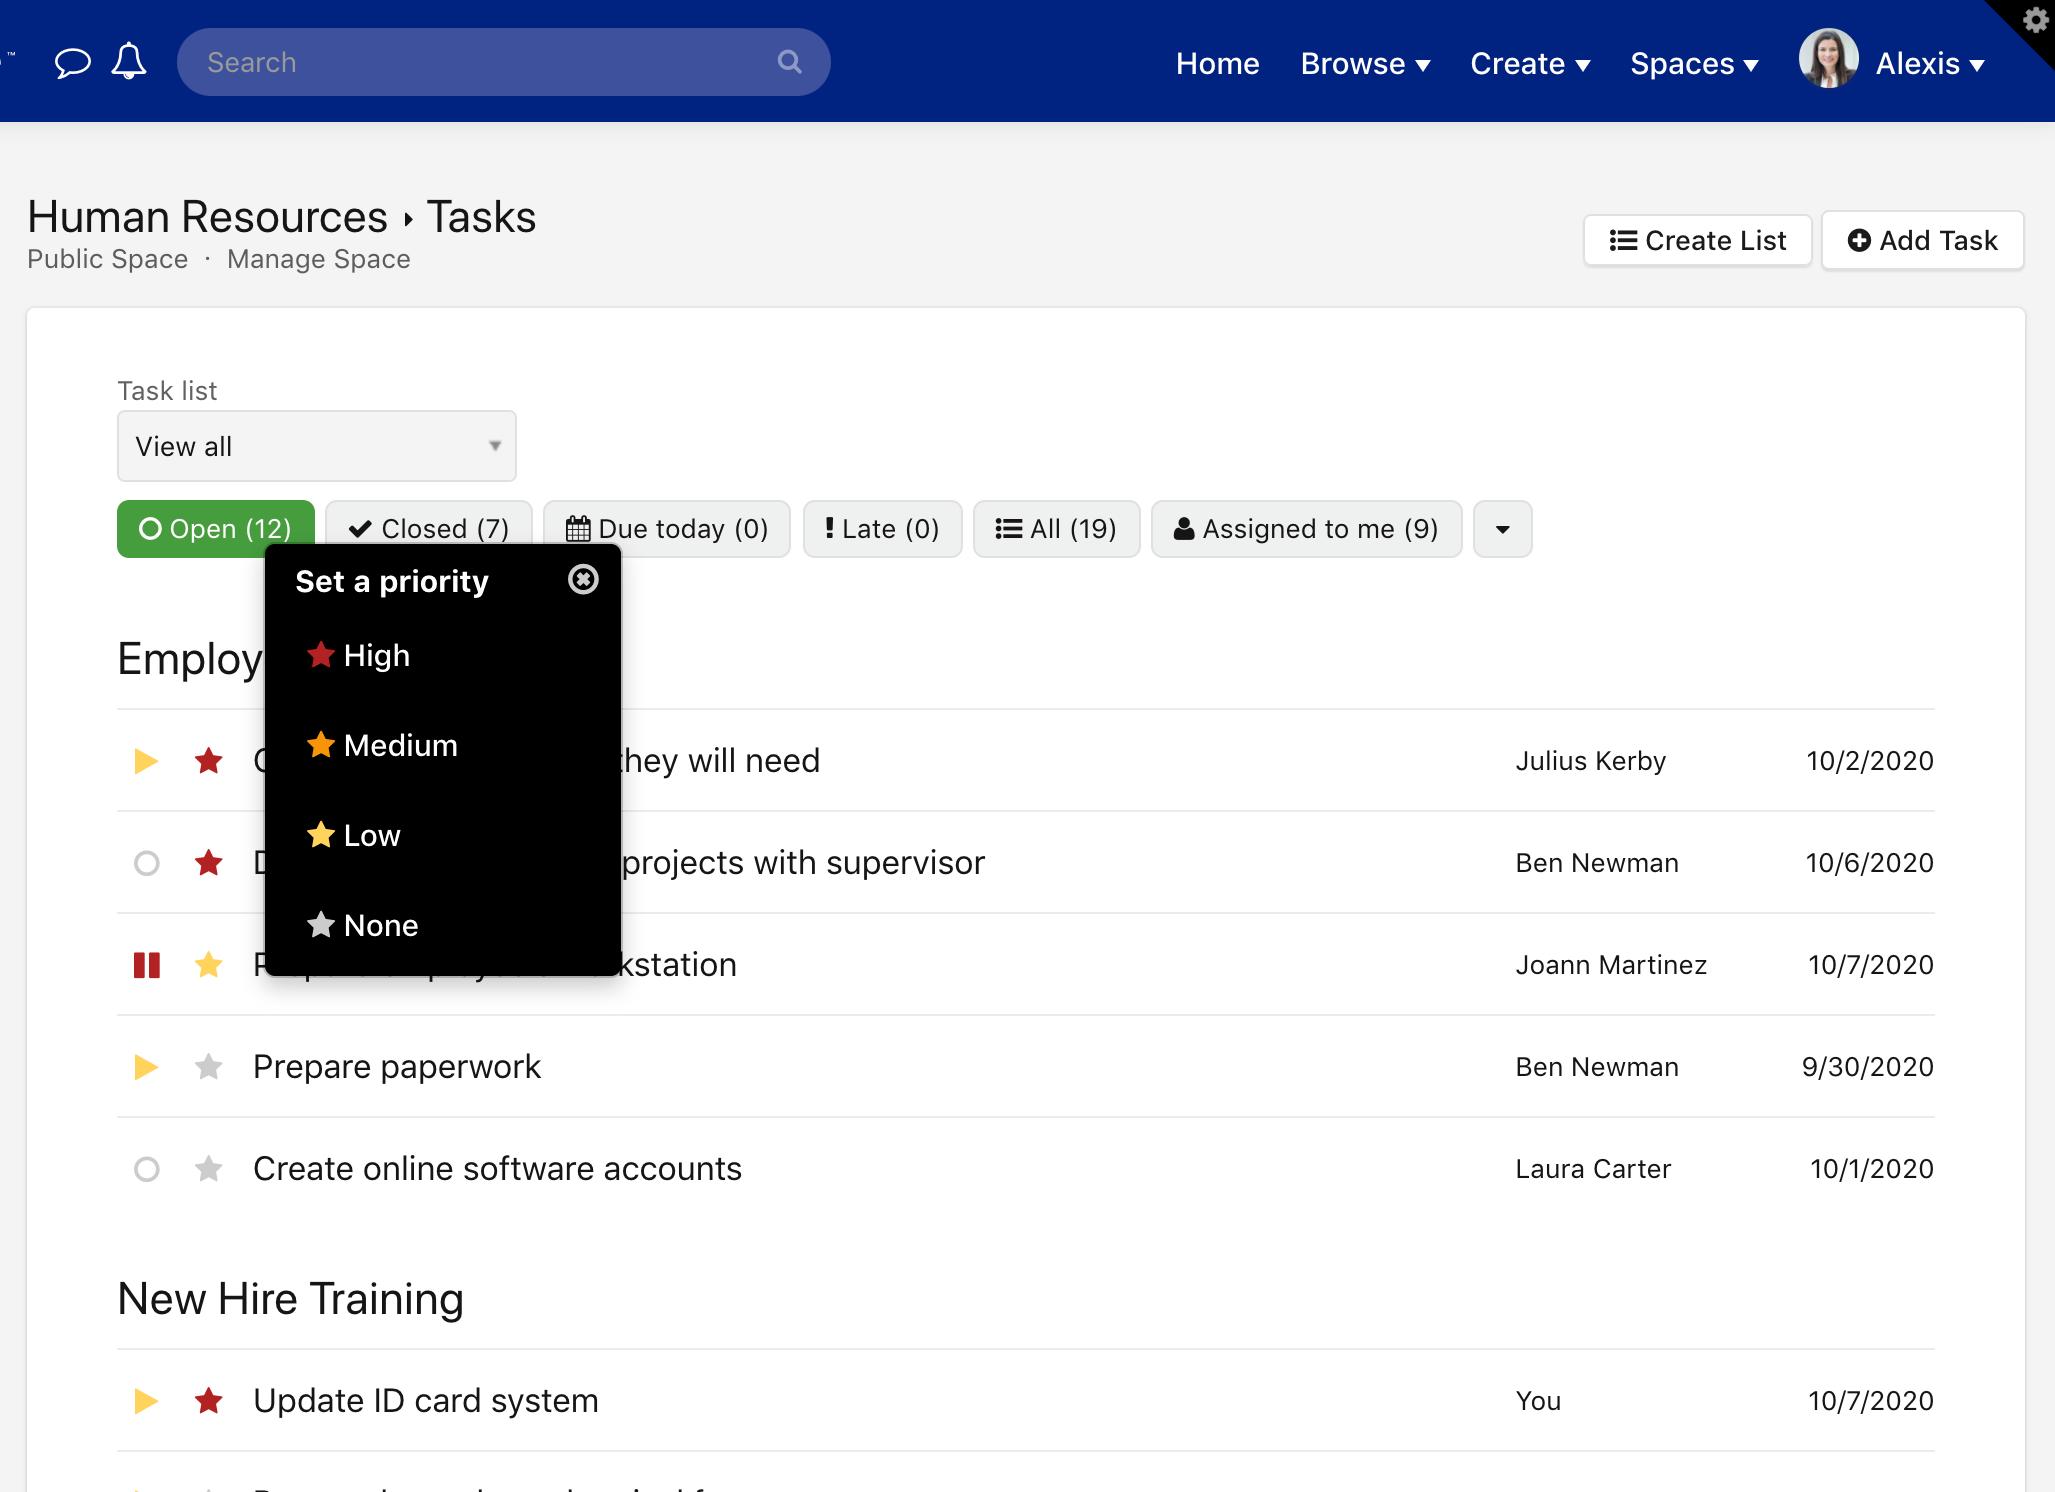 Task priority menu